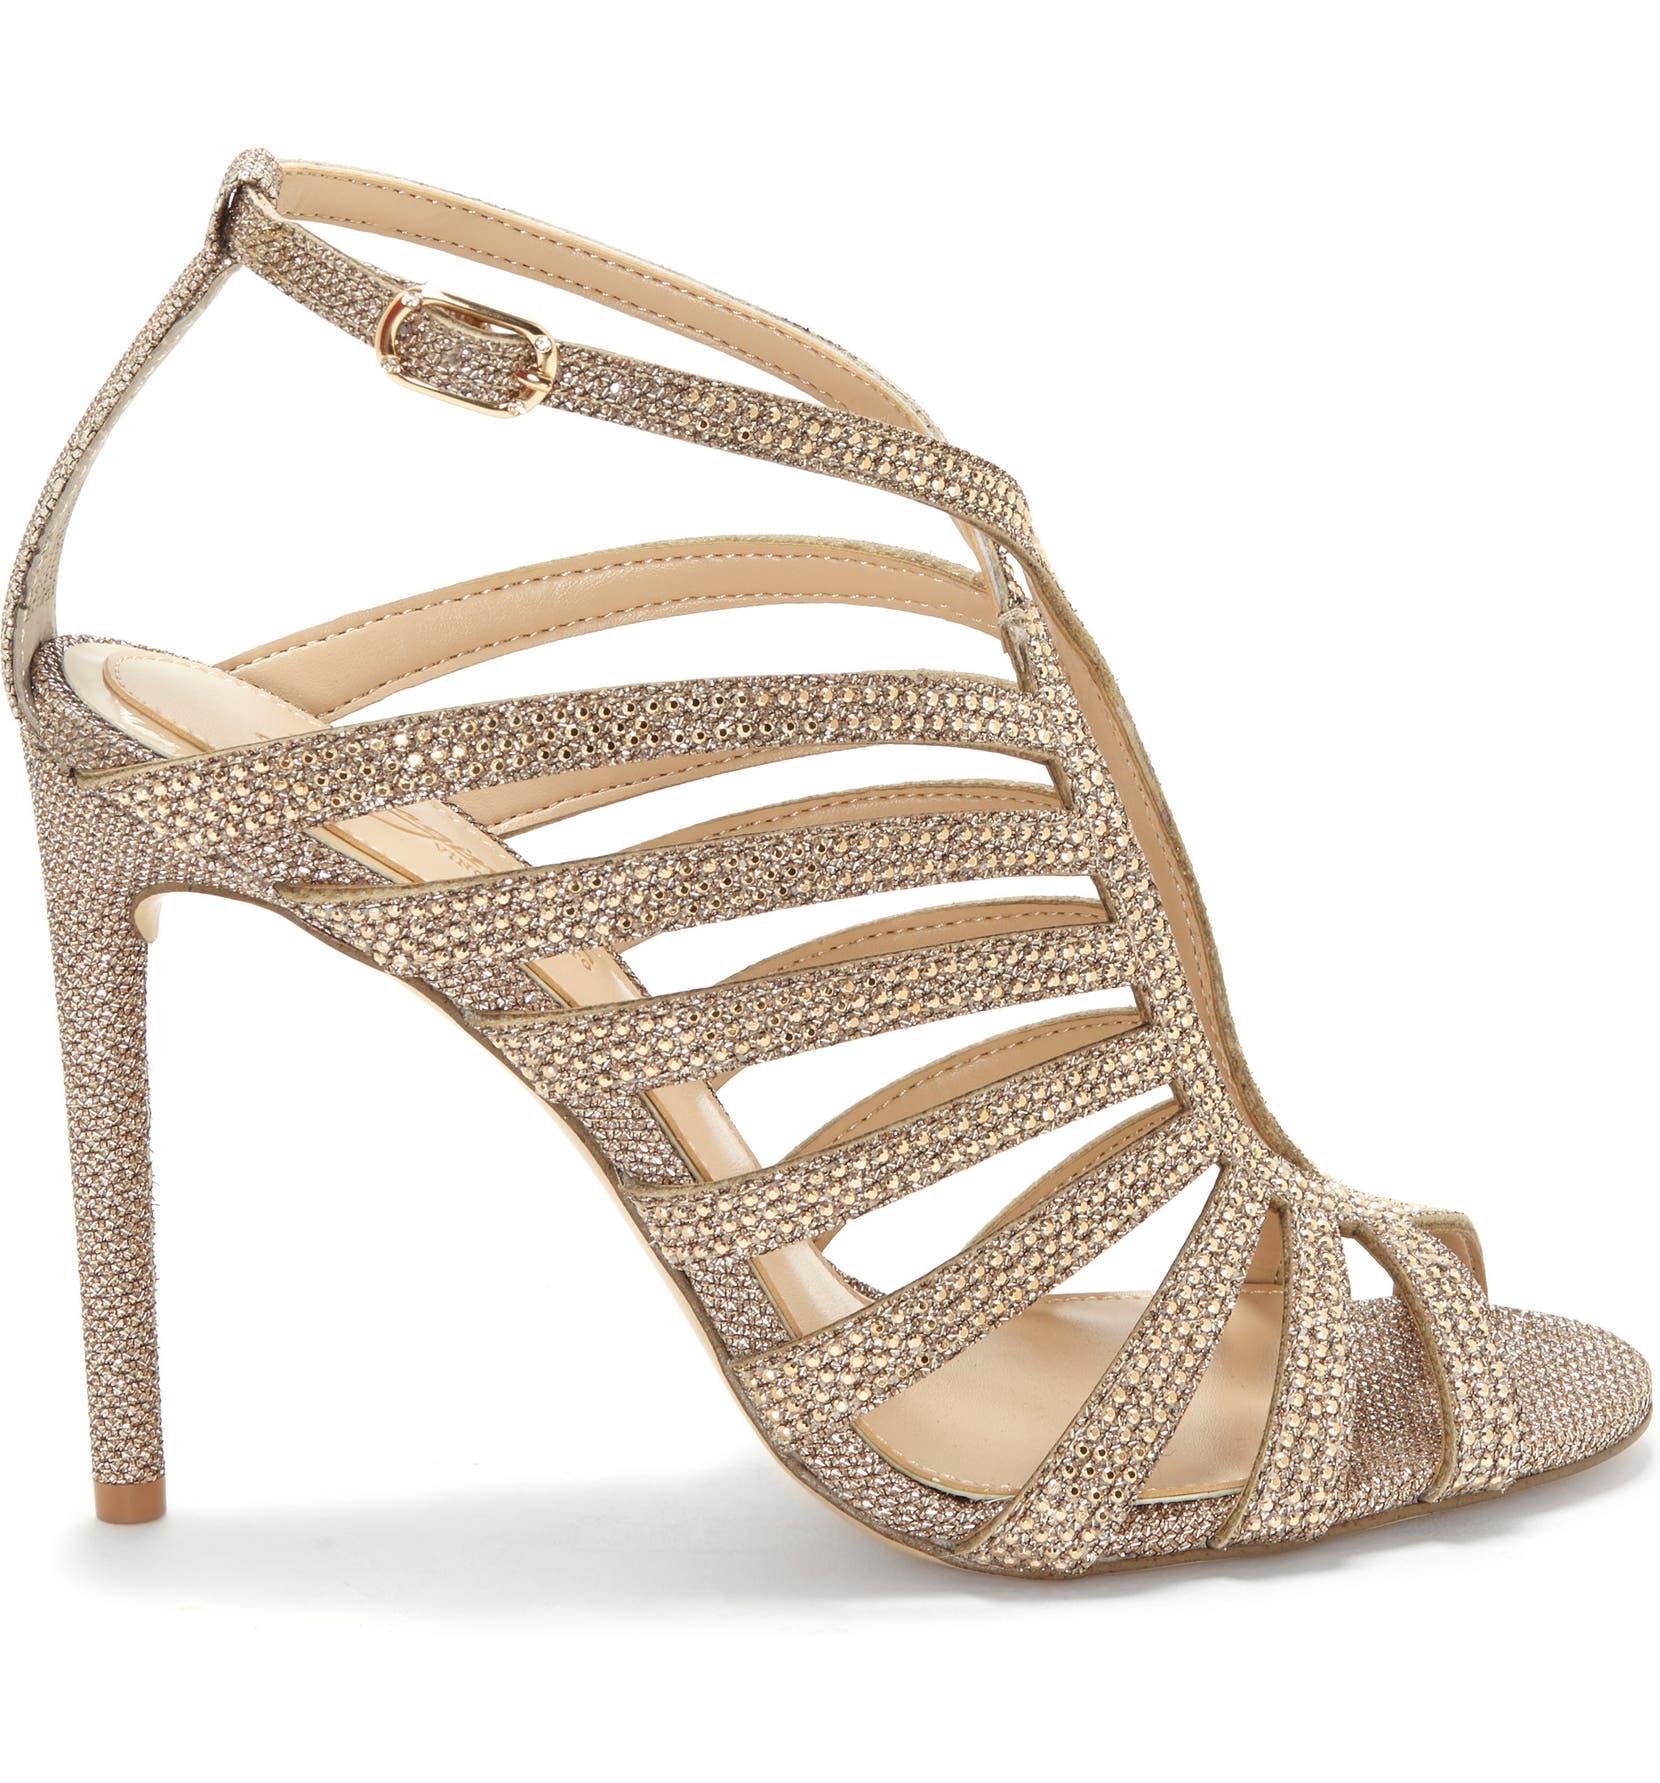 c9b4863c3 Imagine Vince Camuto Raychel Embellished Sandal (Women)   Nordstrom